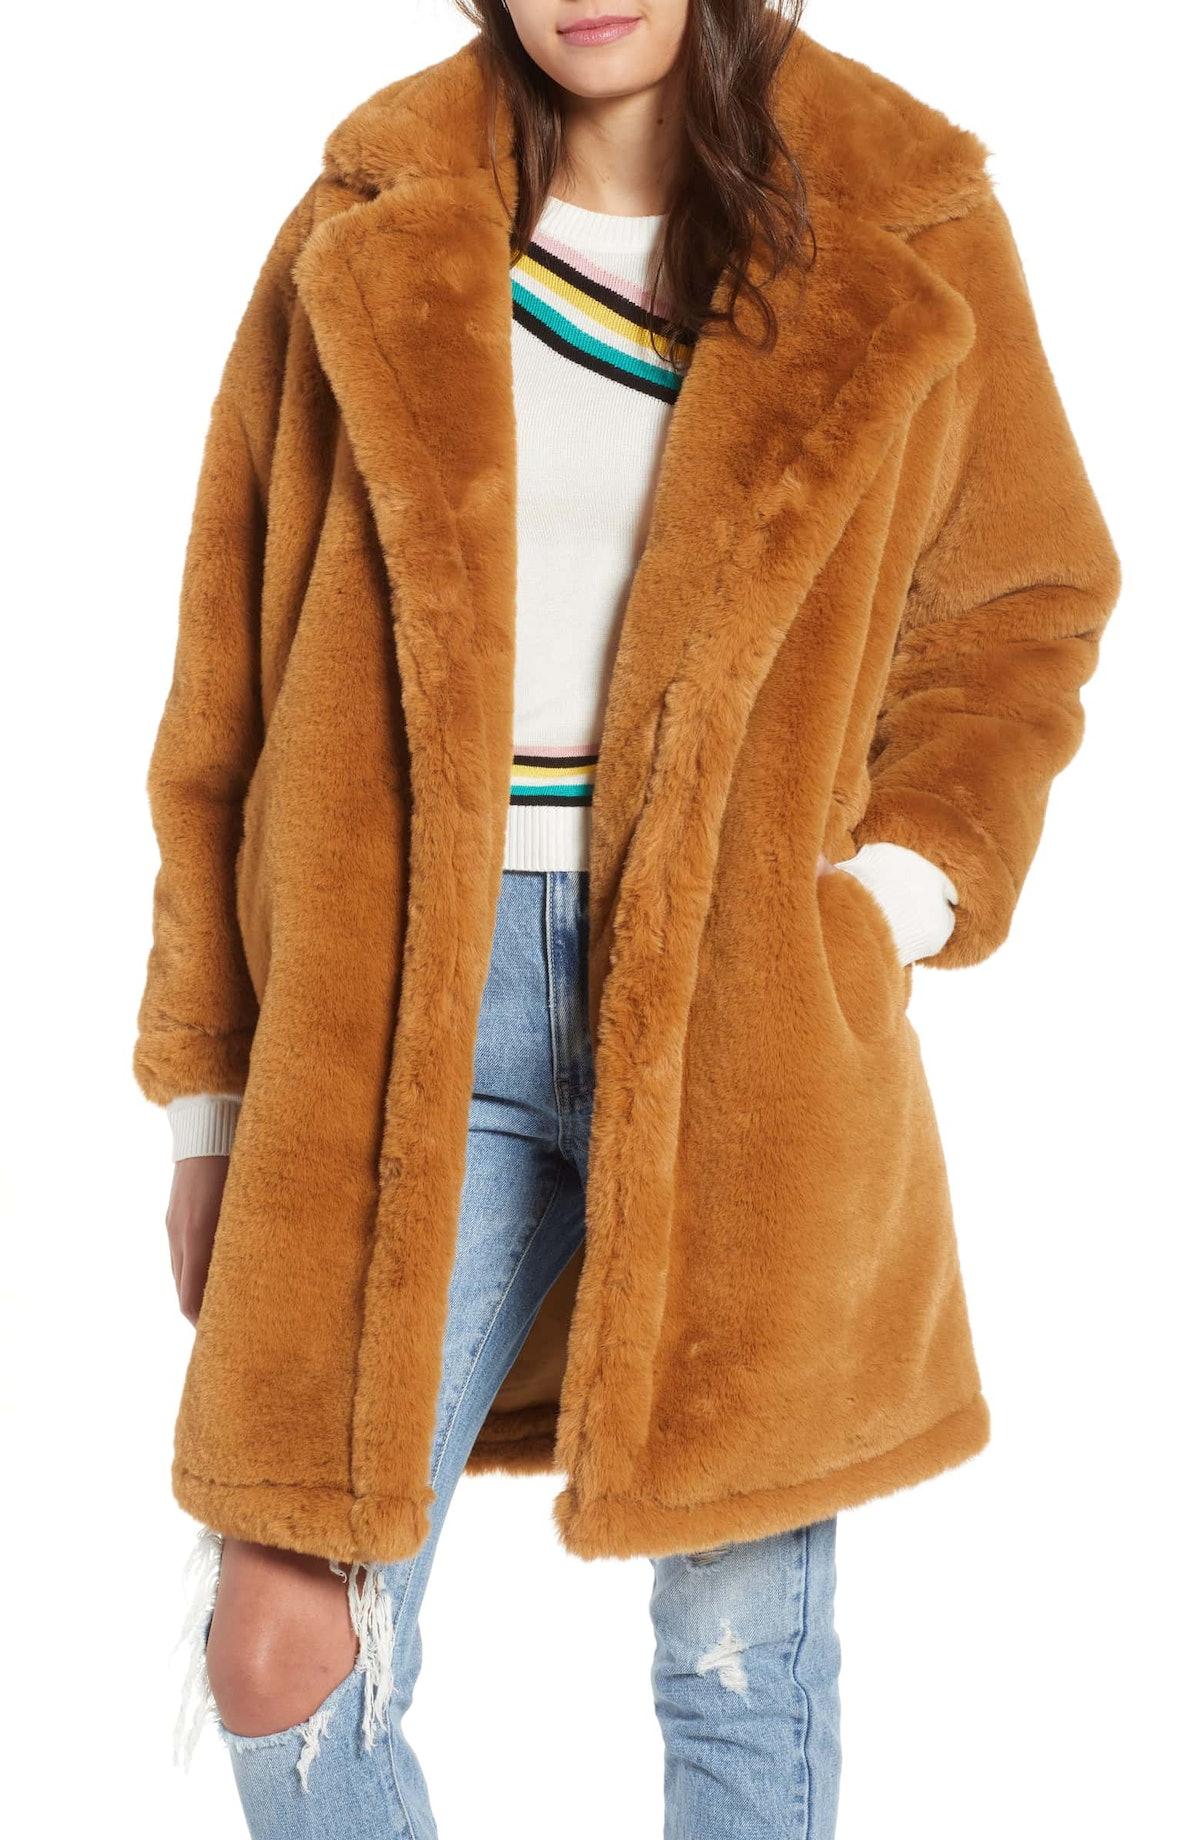 Faux Fur Teddy Coat WOVEN HEART